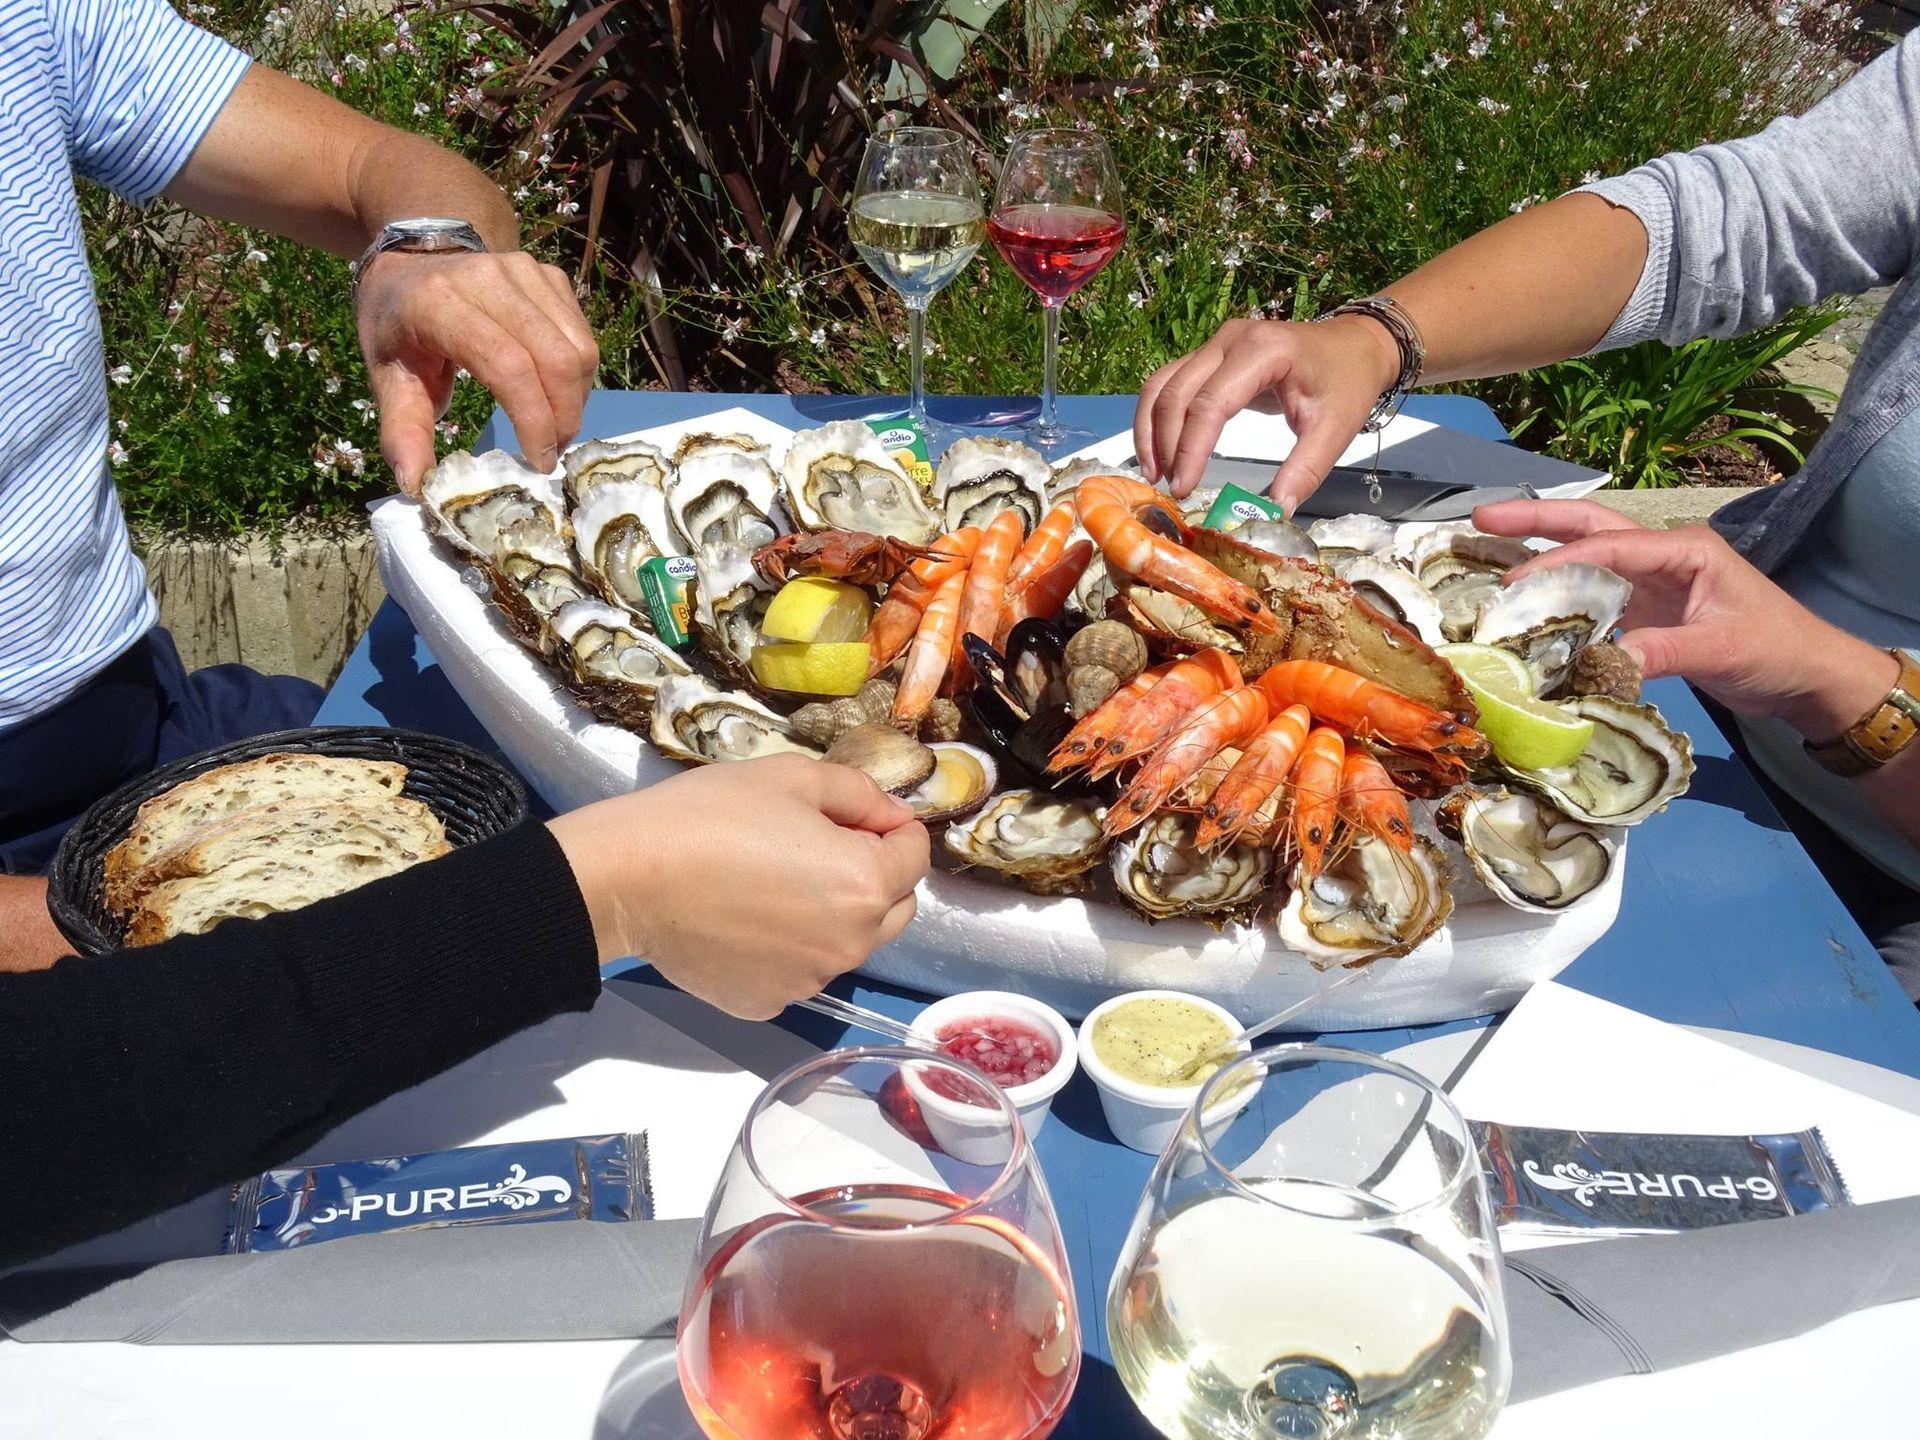 Dégustation d'un plateau de coquillages et fruits de mer à La Grande Motte entre amis